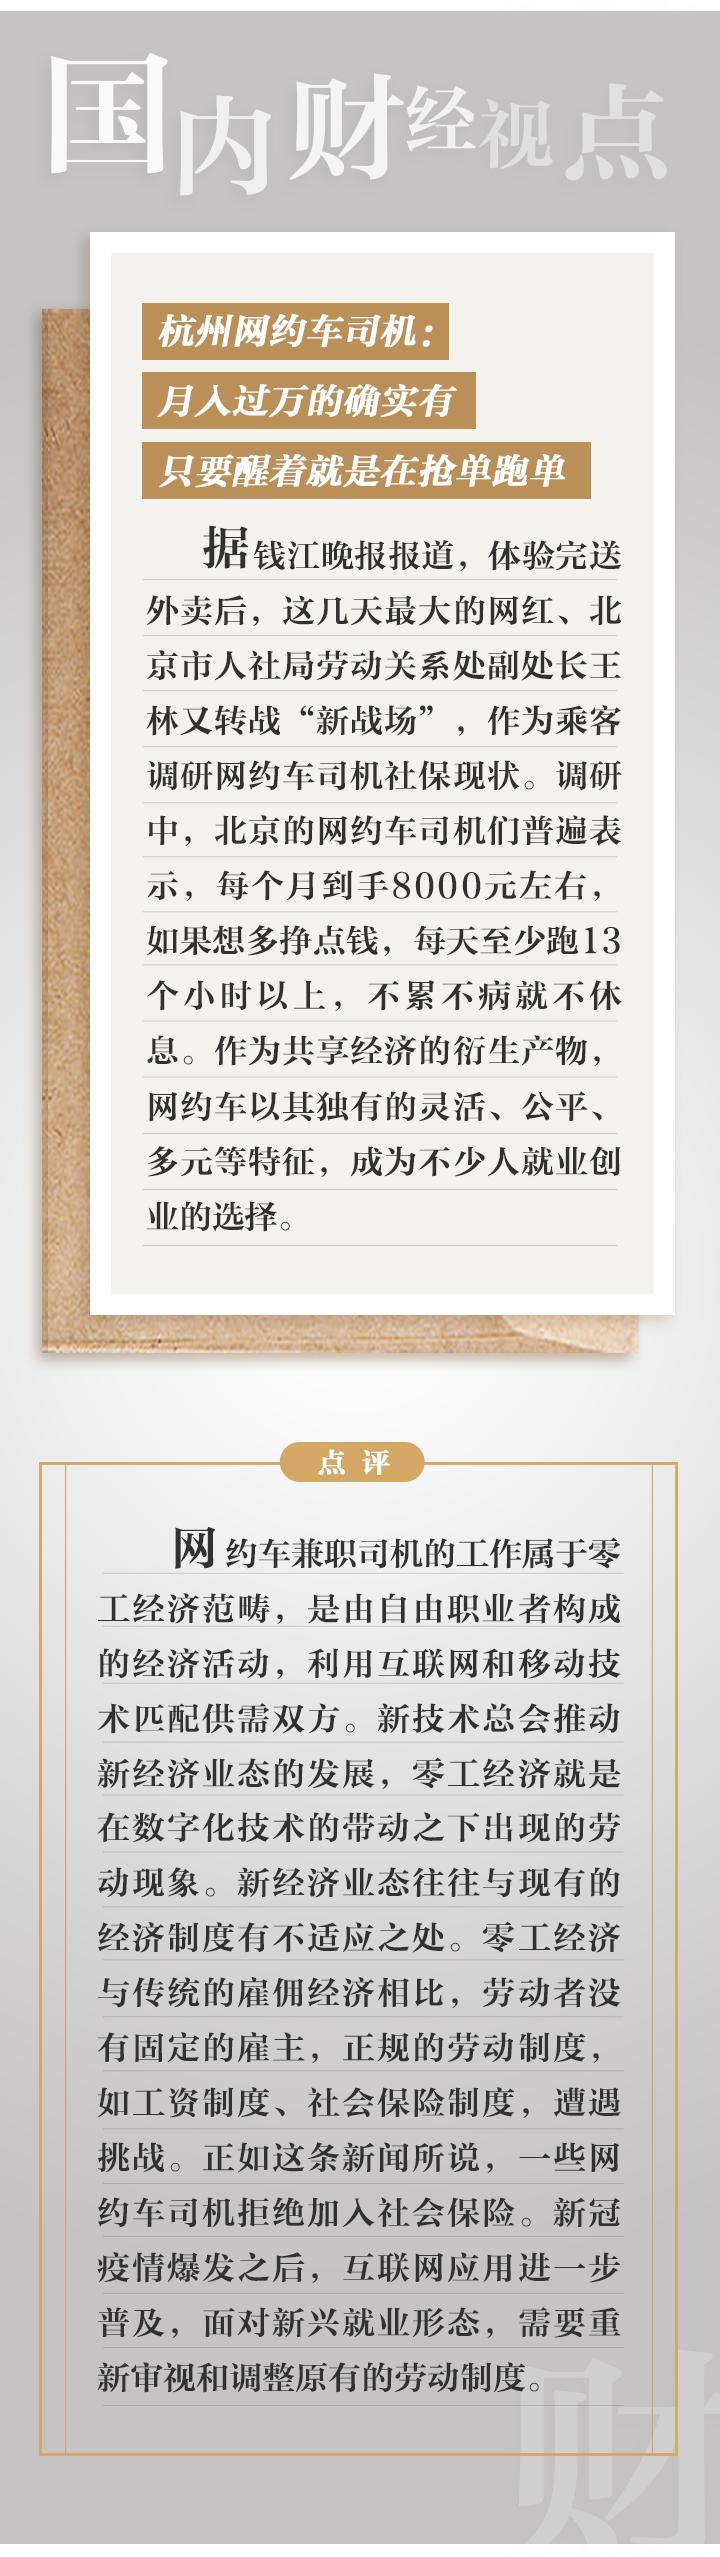 财经视界506_03.png